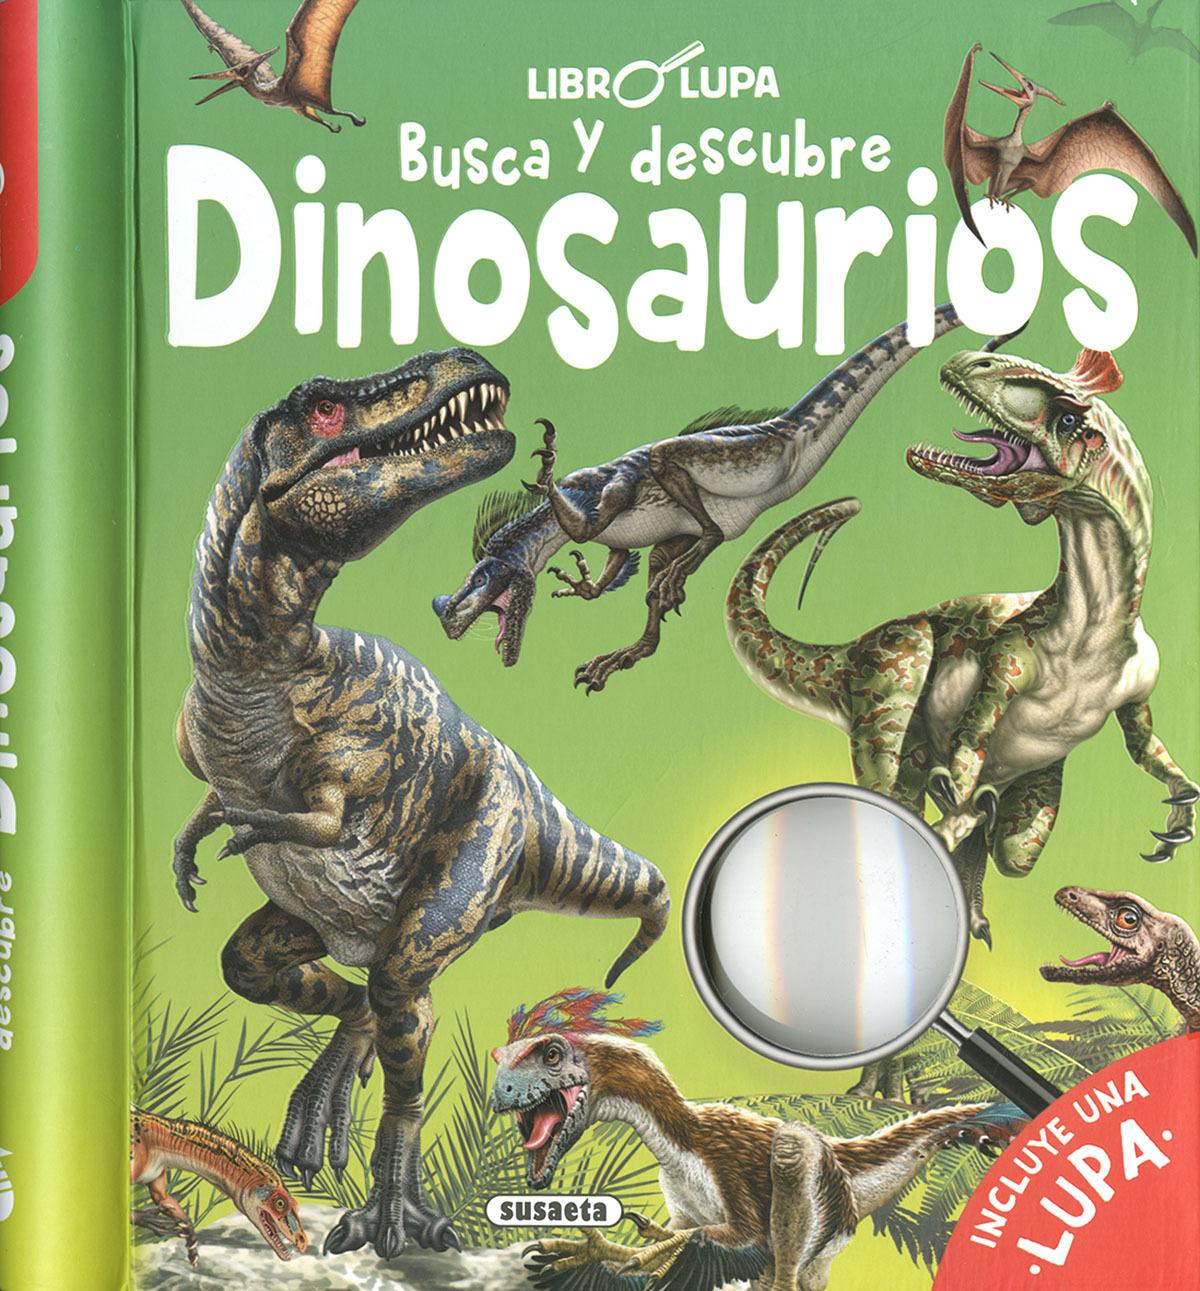 Busca y descubre dinosaurios 9788467772524